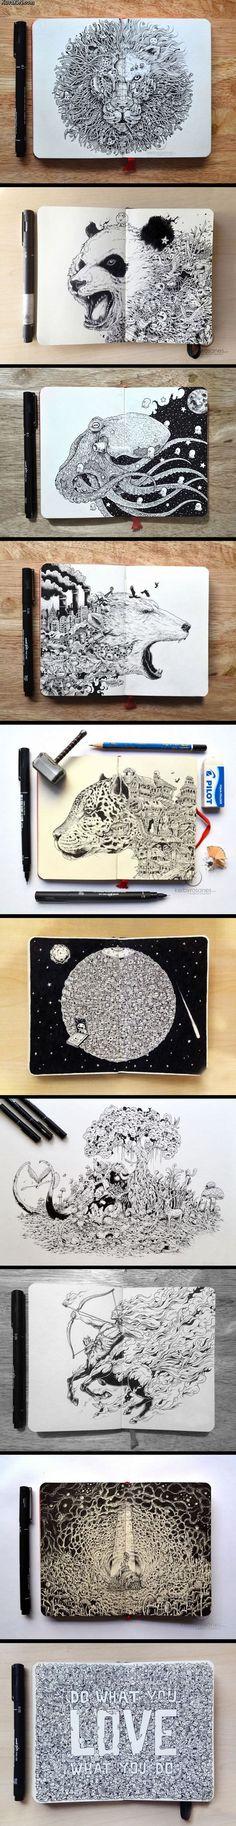 hyper_detailed_drawings.jpg